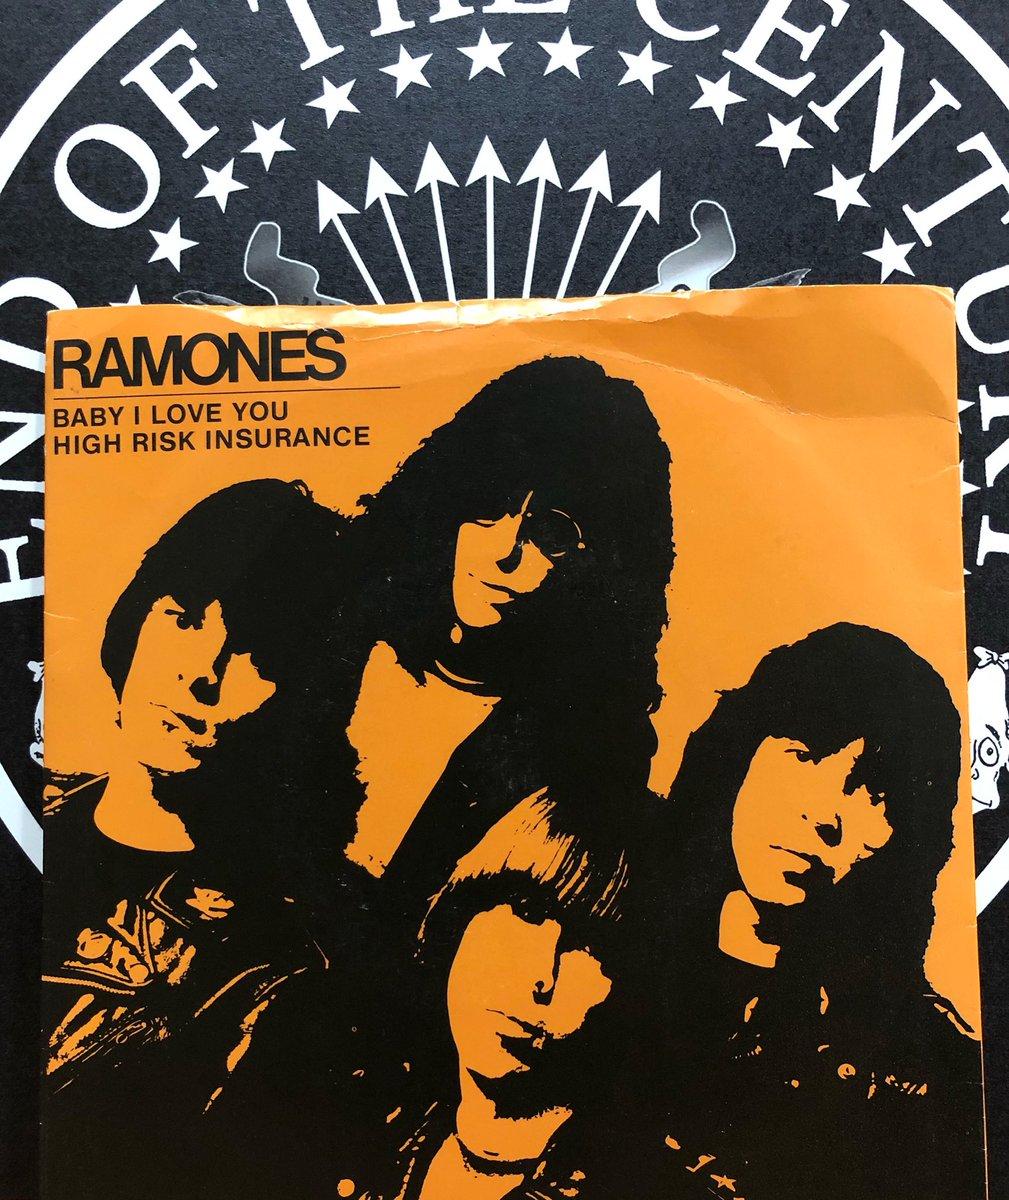 フィル・スペクターも逝ってしまったか…この曲好きなんだ。 ラモーンズと素晴らしい仕事をしてくれてありがとう。    #rip #philspector